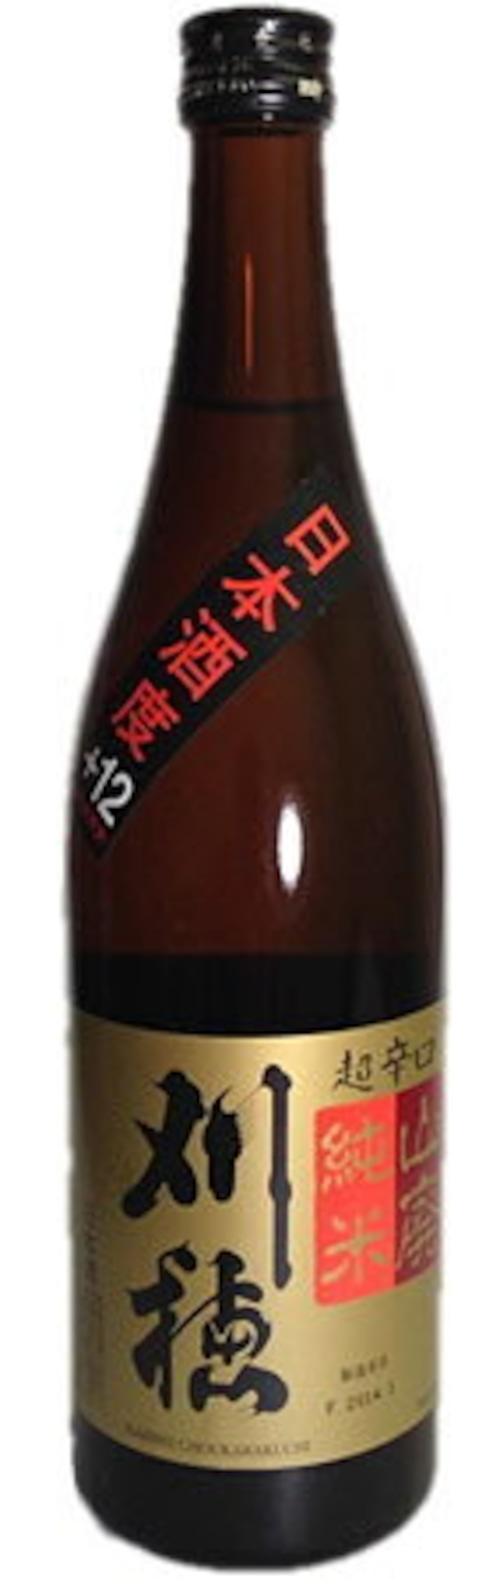 刈穂 山廃純米 超辛口 720ml